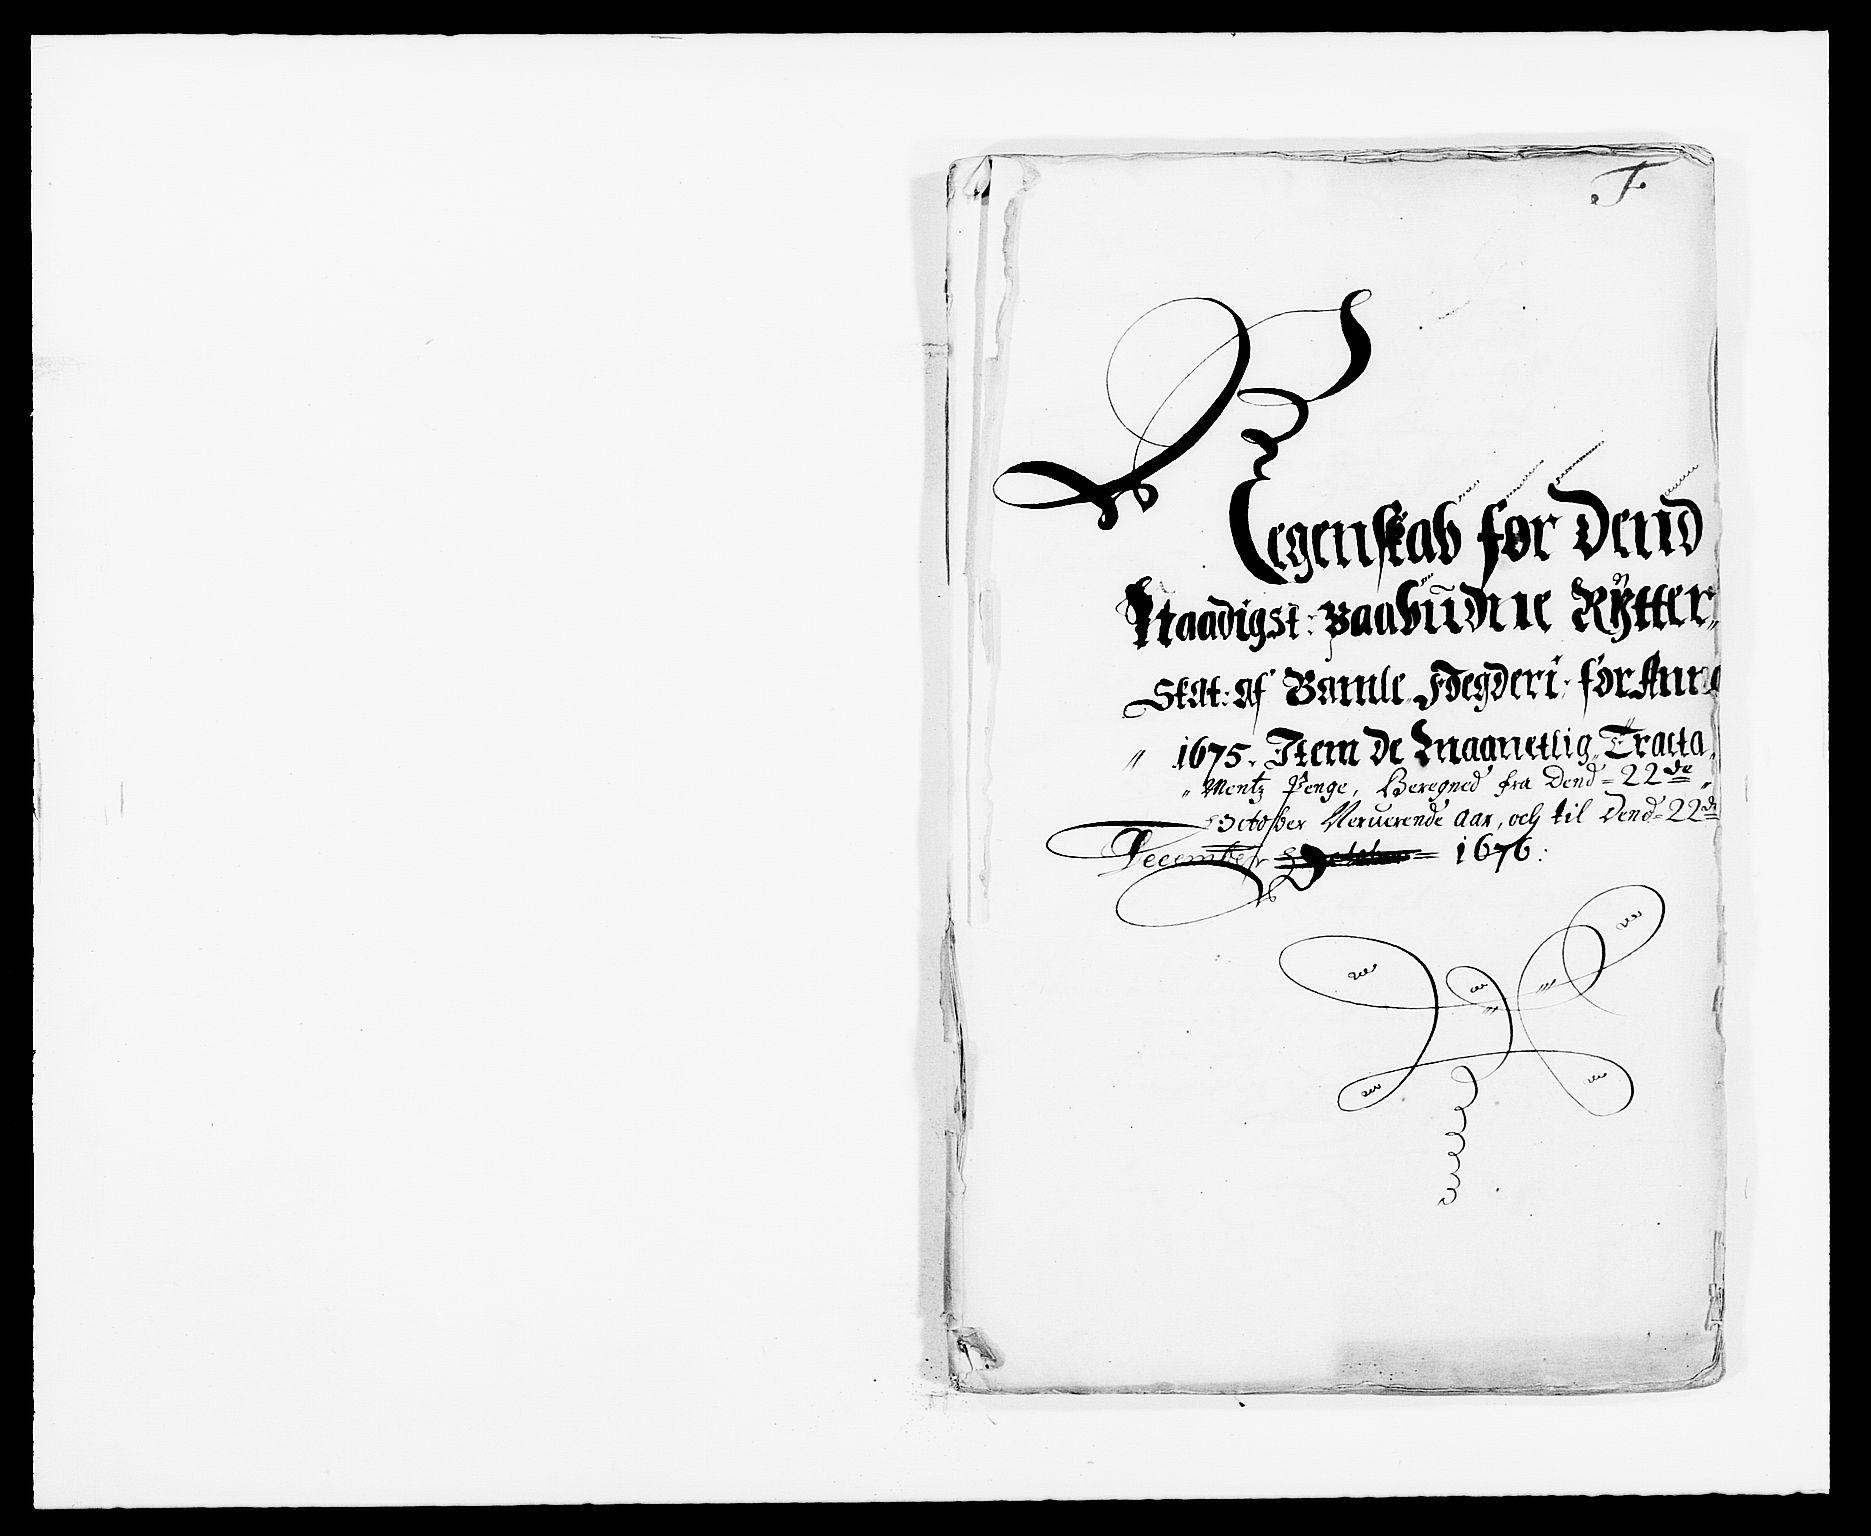 RA, Rentekammeret inntil 1814, Reviderte regnskaper, Fogderegnskap, R34/L2042: Fogderegnskap Bamble, 1673-1675, s. 392